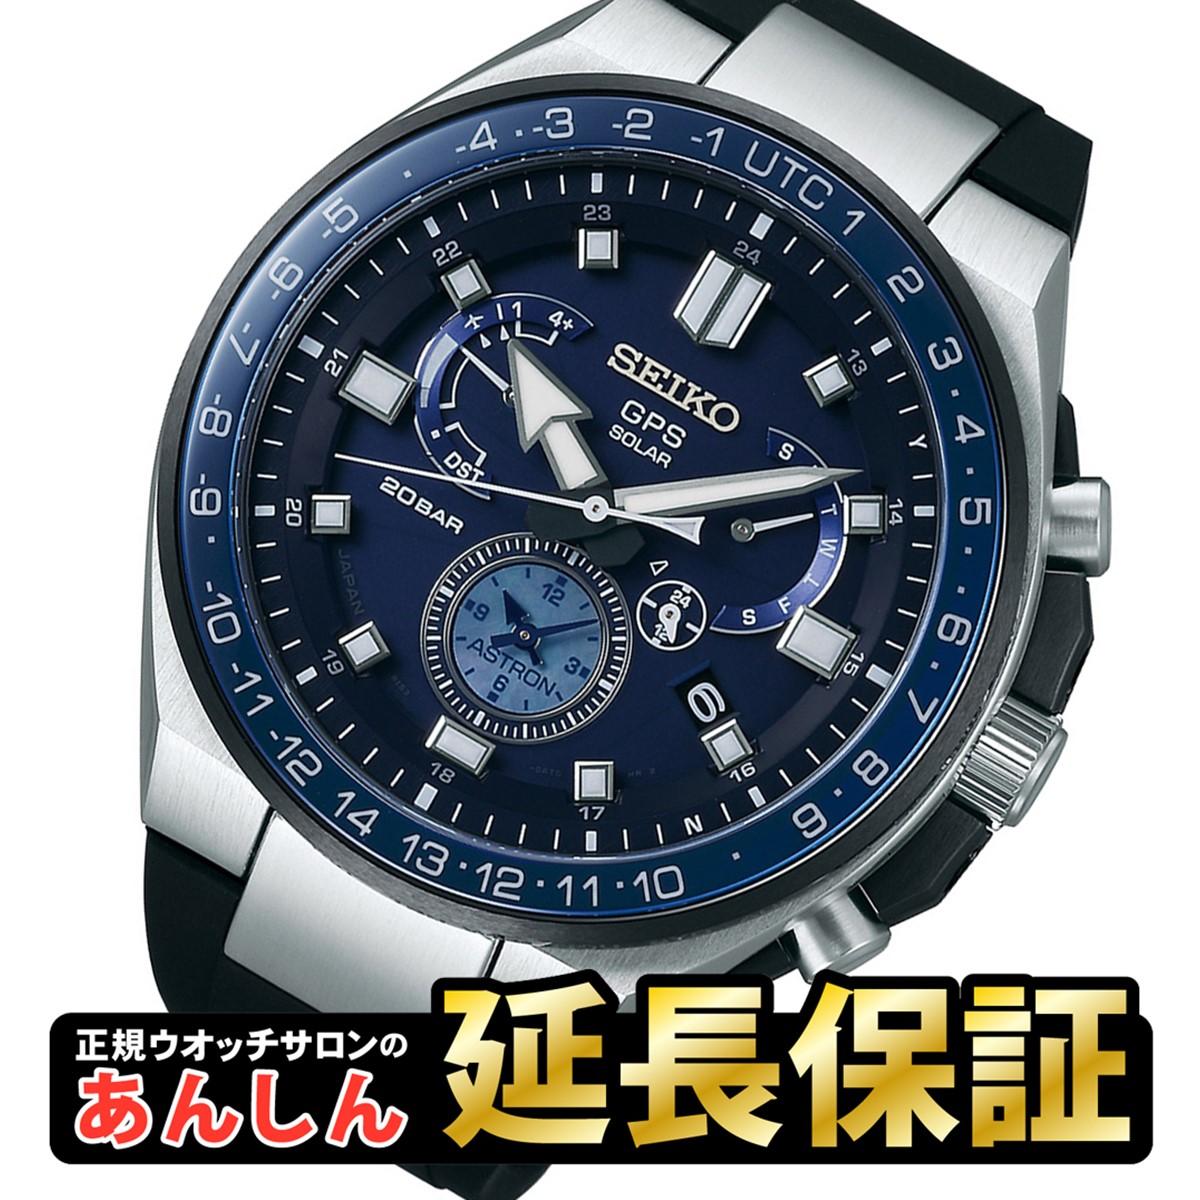 【2,000円OFFマラソンクーポン!9日20時から】SEIKO ASTRON セイコー アストロン SBXB167 エグゼクティブスポーツライン GPSソーラーウォッチ メンズ 腕時計 【0618】_10spl